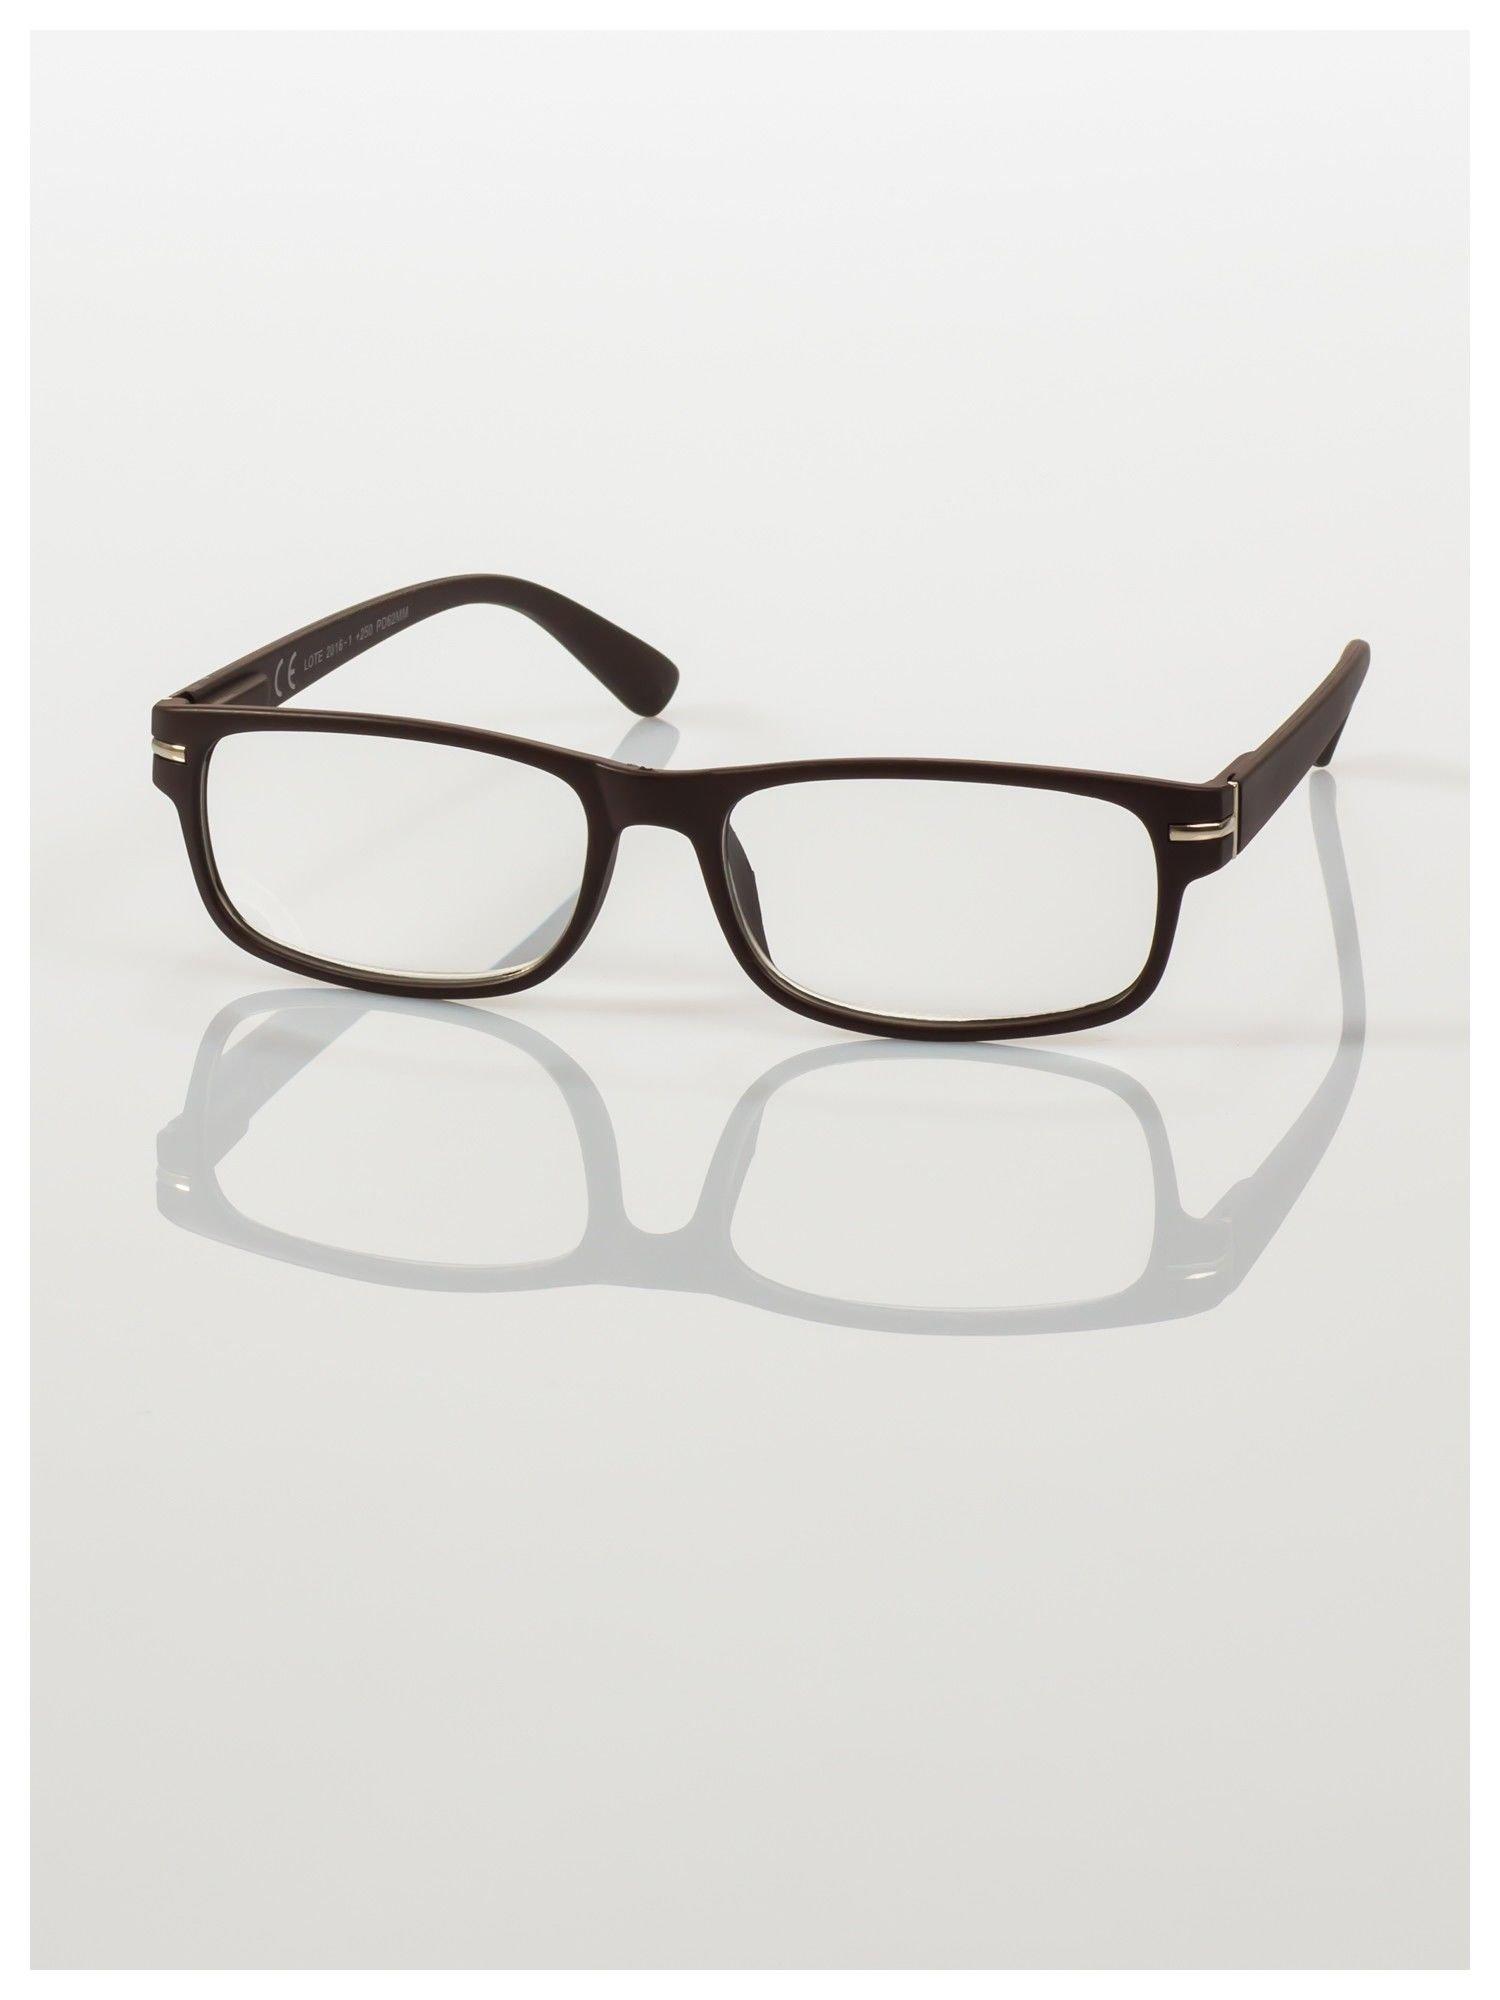 Eleganckie brązowe matowe korekcyjne okulary do czytania +4.0 D  z sytemem FLEX na zausznikach                                  zdj.                                  2